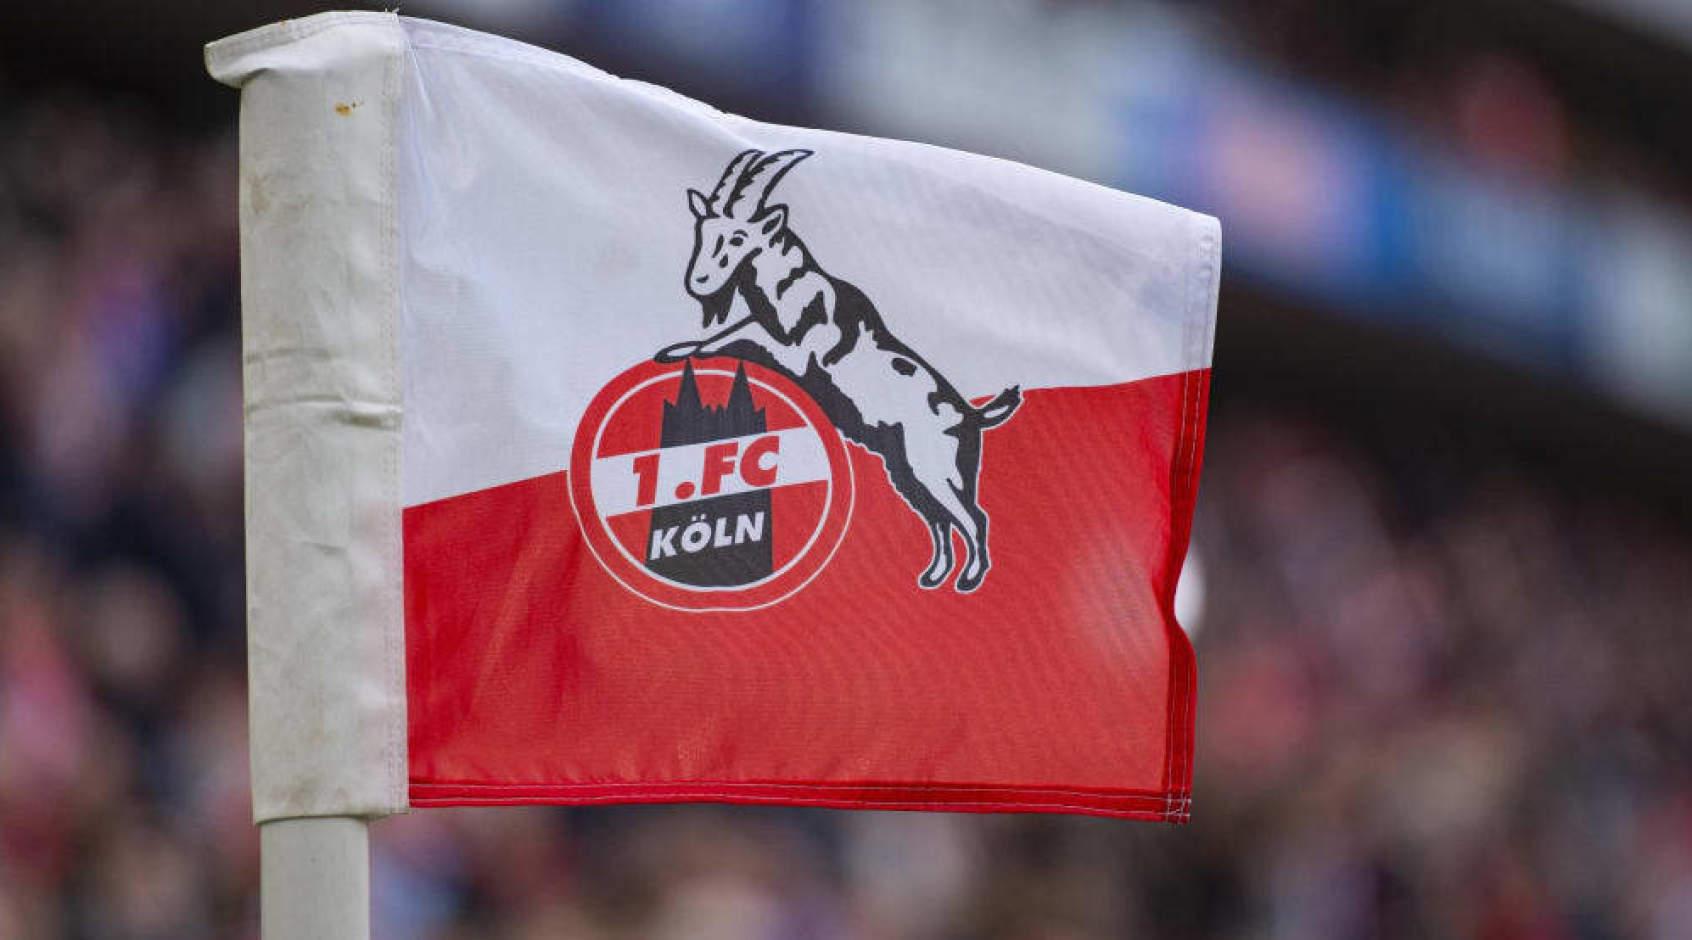 """Трибуны стадиона """"Кельна"""" украсили шарфами и футболками, которые передали болельщики (Фото)"""